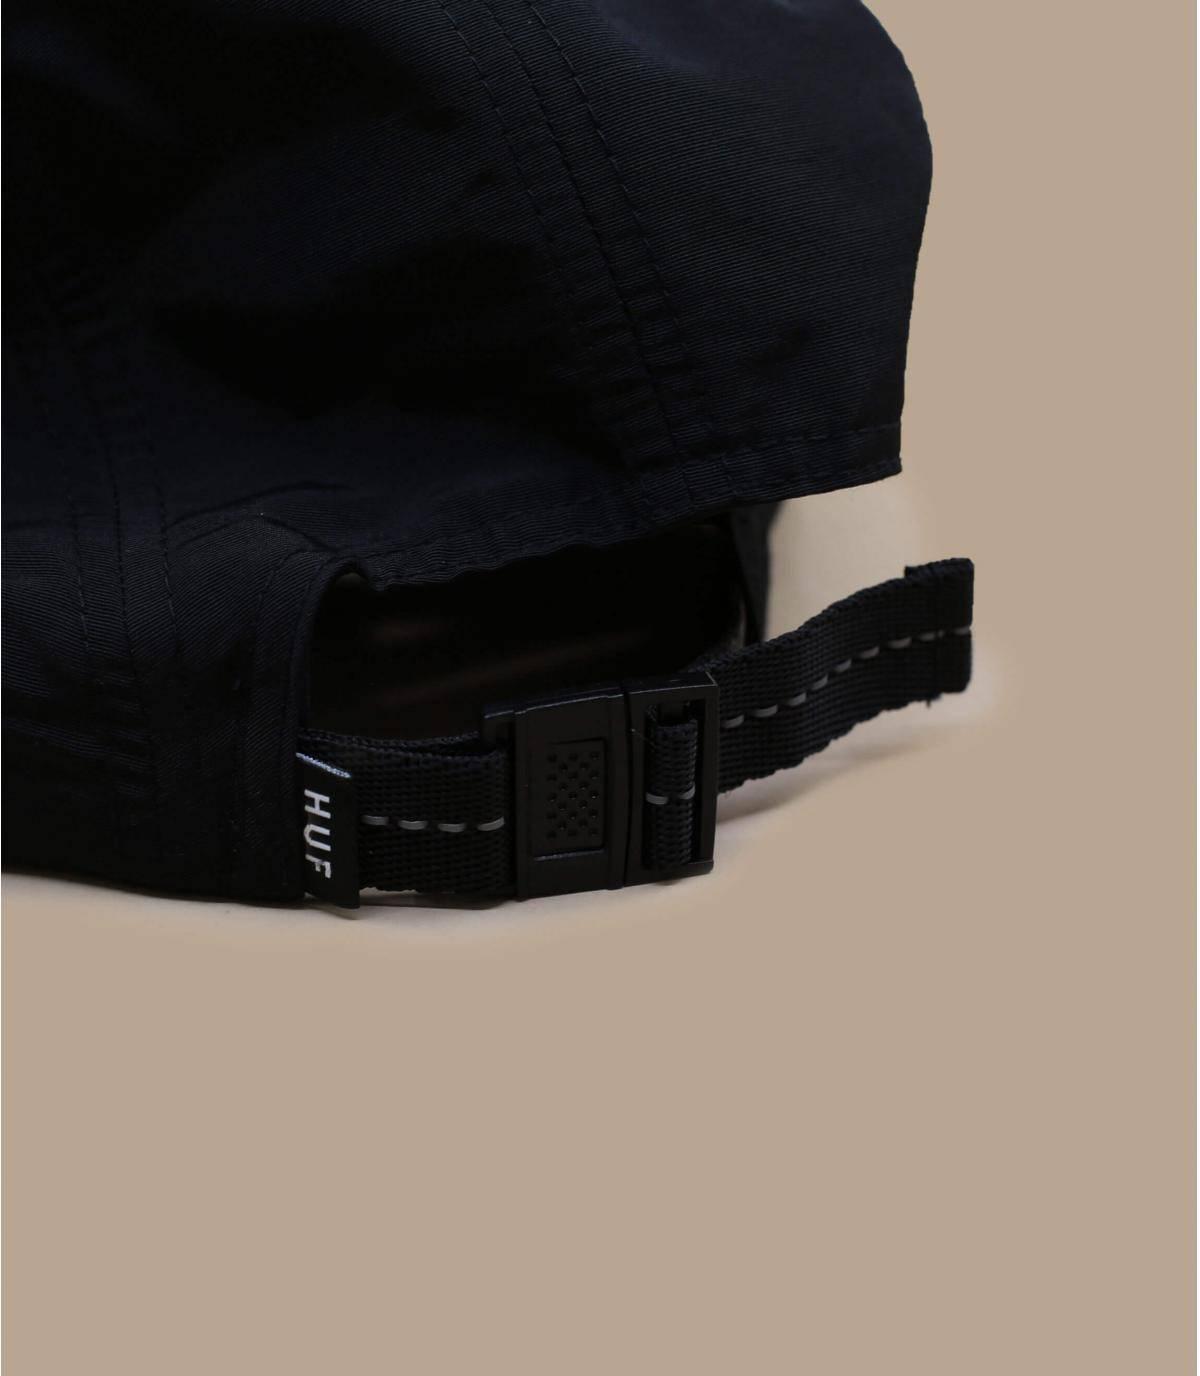 Dettagli TT Flash Volley black - image 4